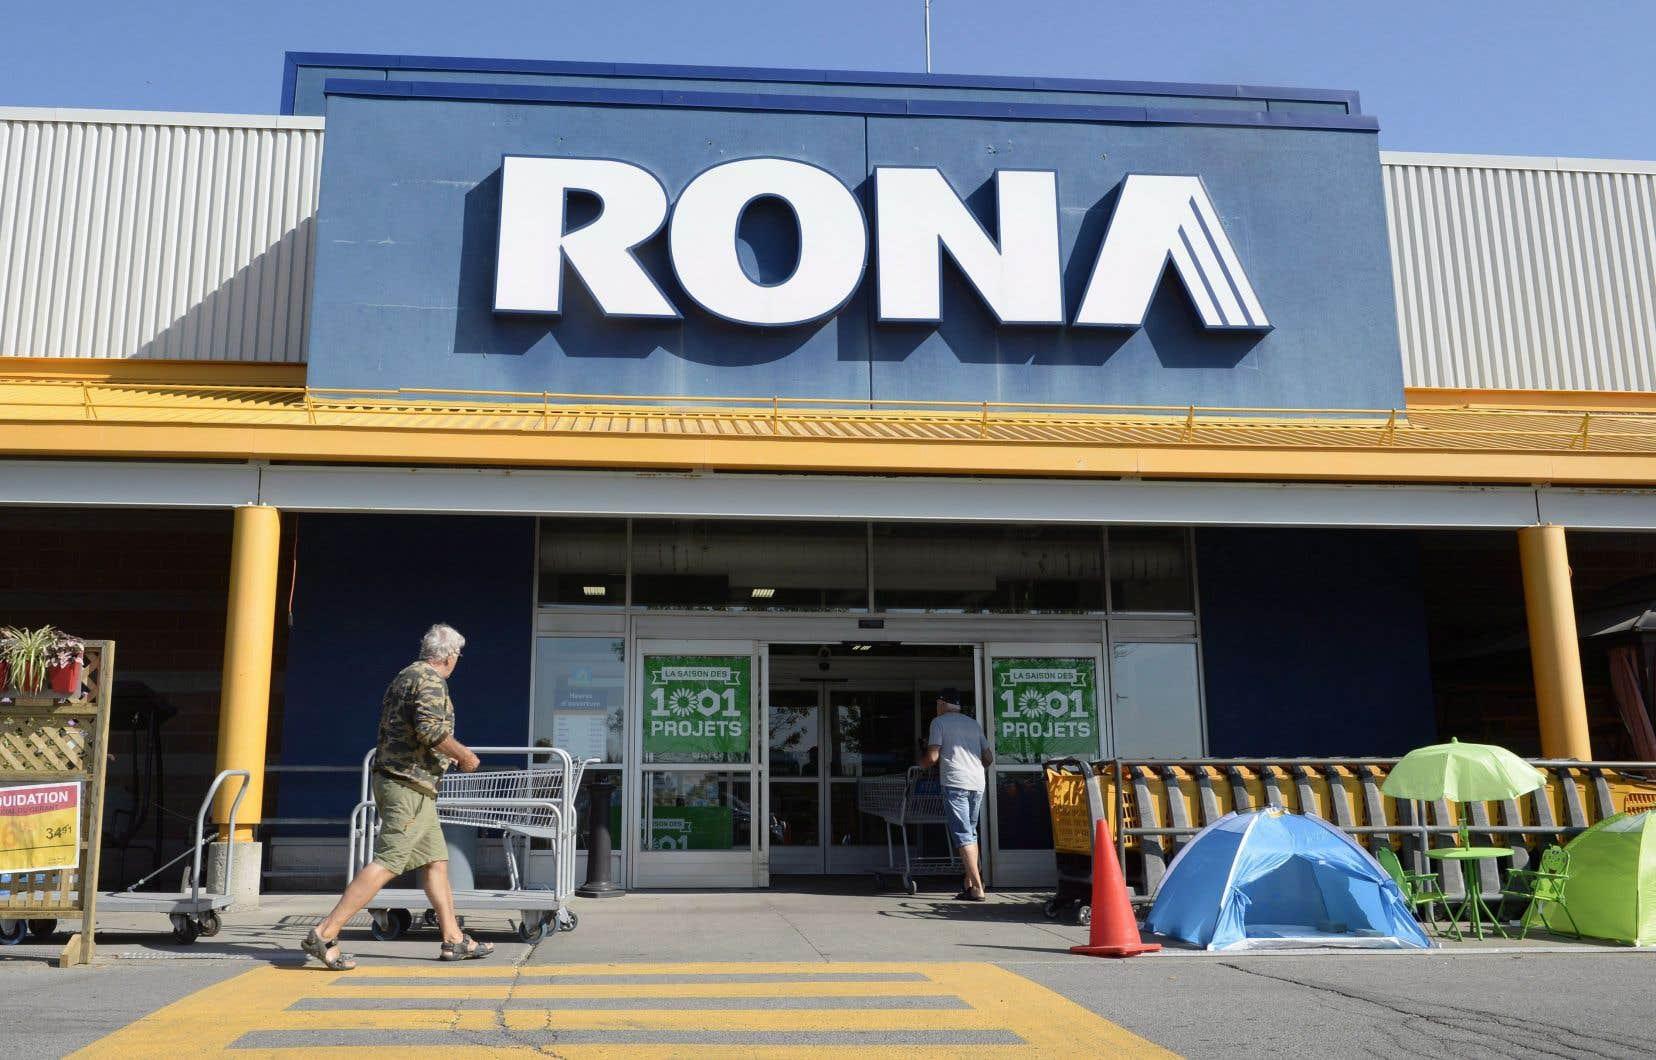 Les milliers de salariés concernés travaillent dans les magasins Rona, Réno-Dépôt, Lowe's, les centres d'appels, ainsi que dans les établissements de la chaîne d'approvisionnement de Lowe's, a précisé le géant de la quincaillerie et de la rénovation.